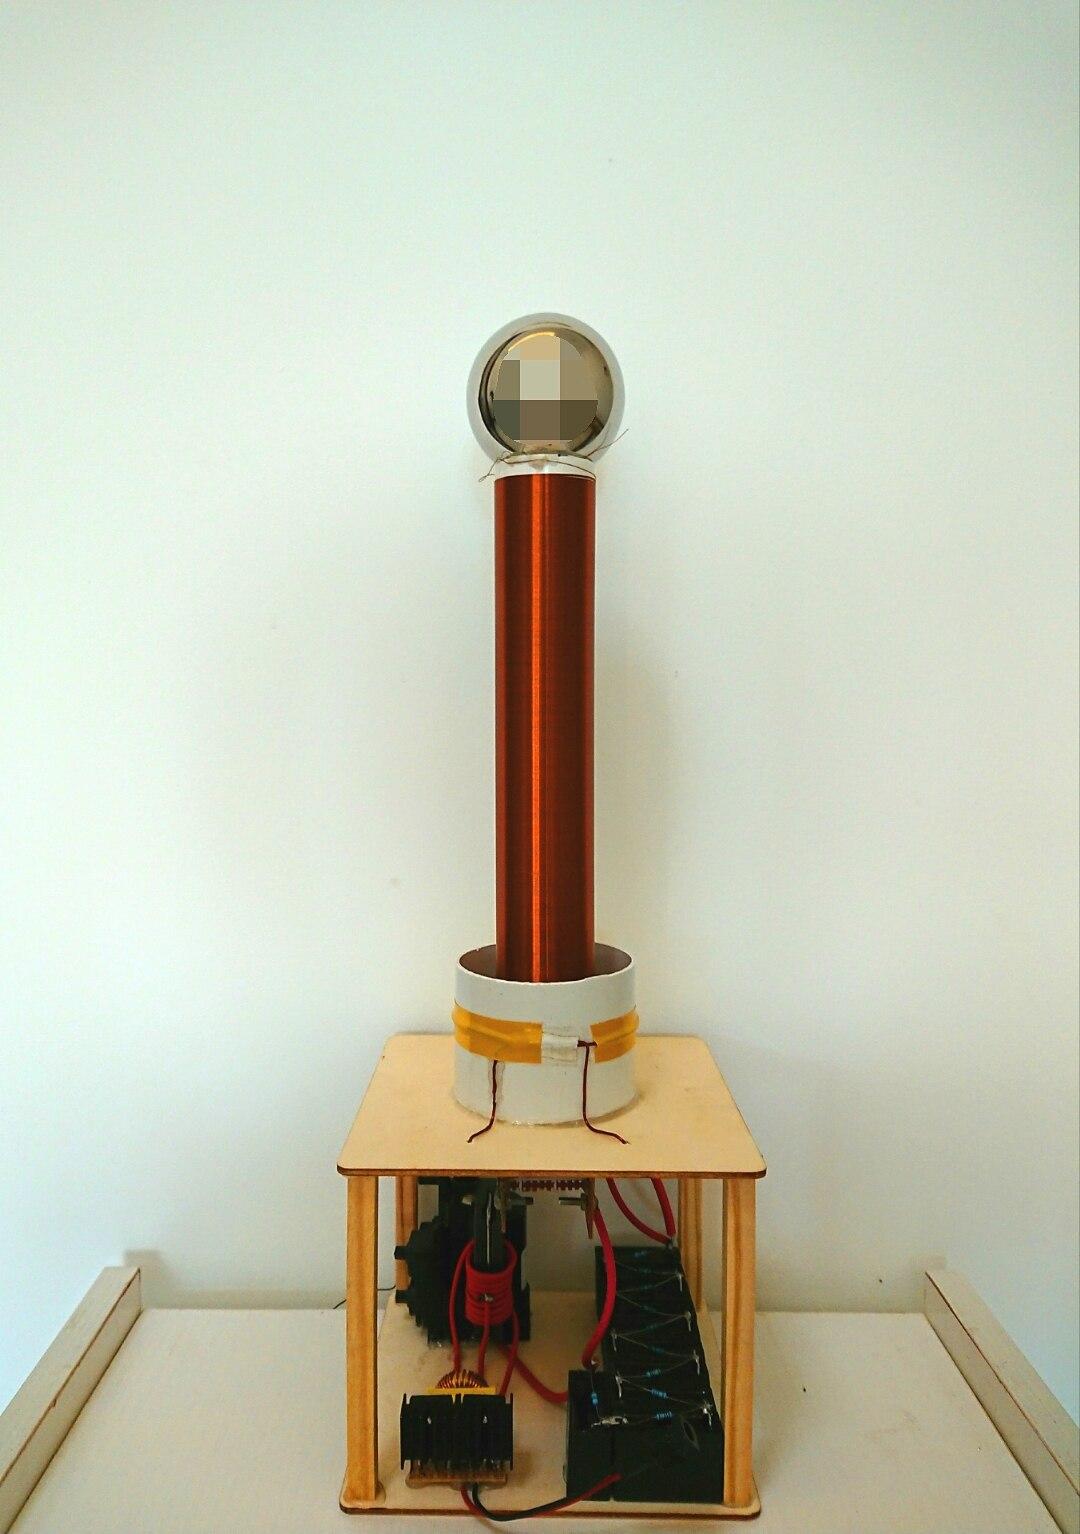 Étincelle écart Tesla bobine Kit bricolage technologie pour fabriquer sans fil Transmission éclairage lampe Arc de pulvérisation Arc